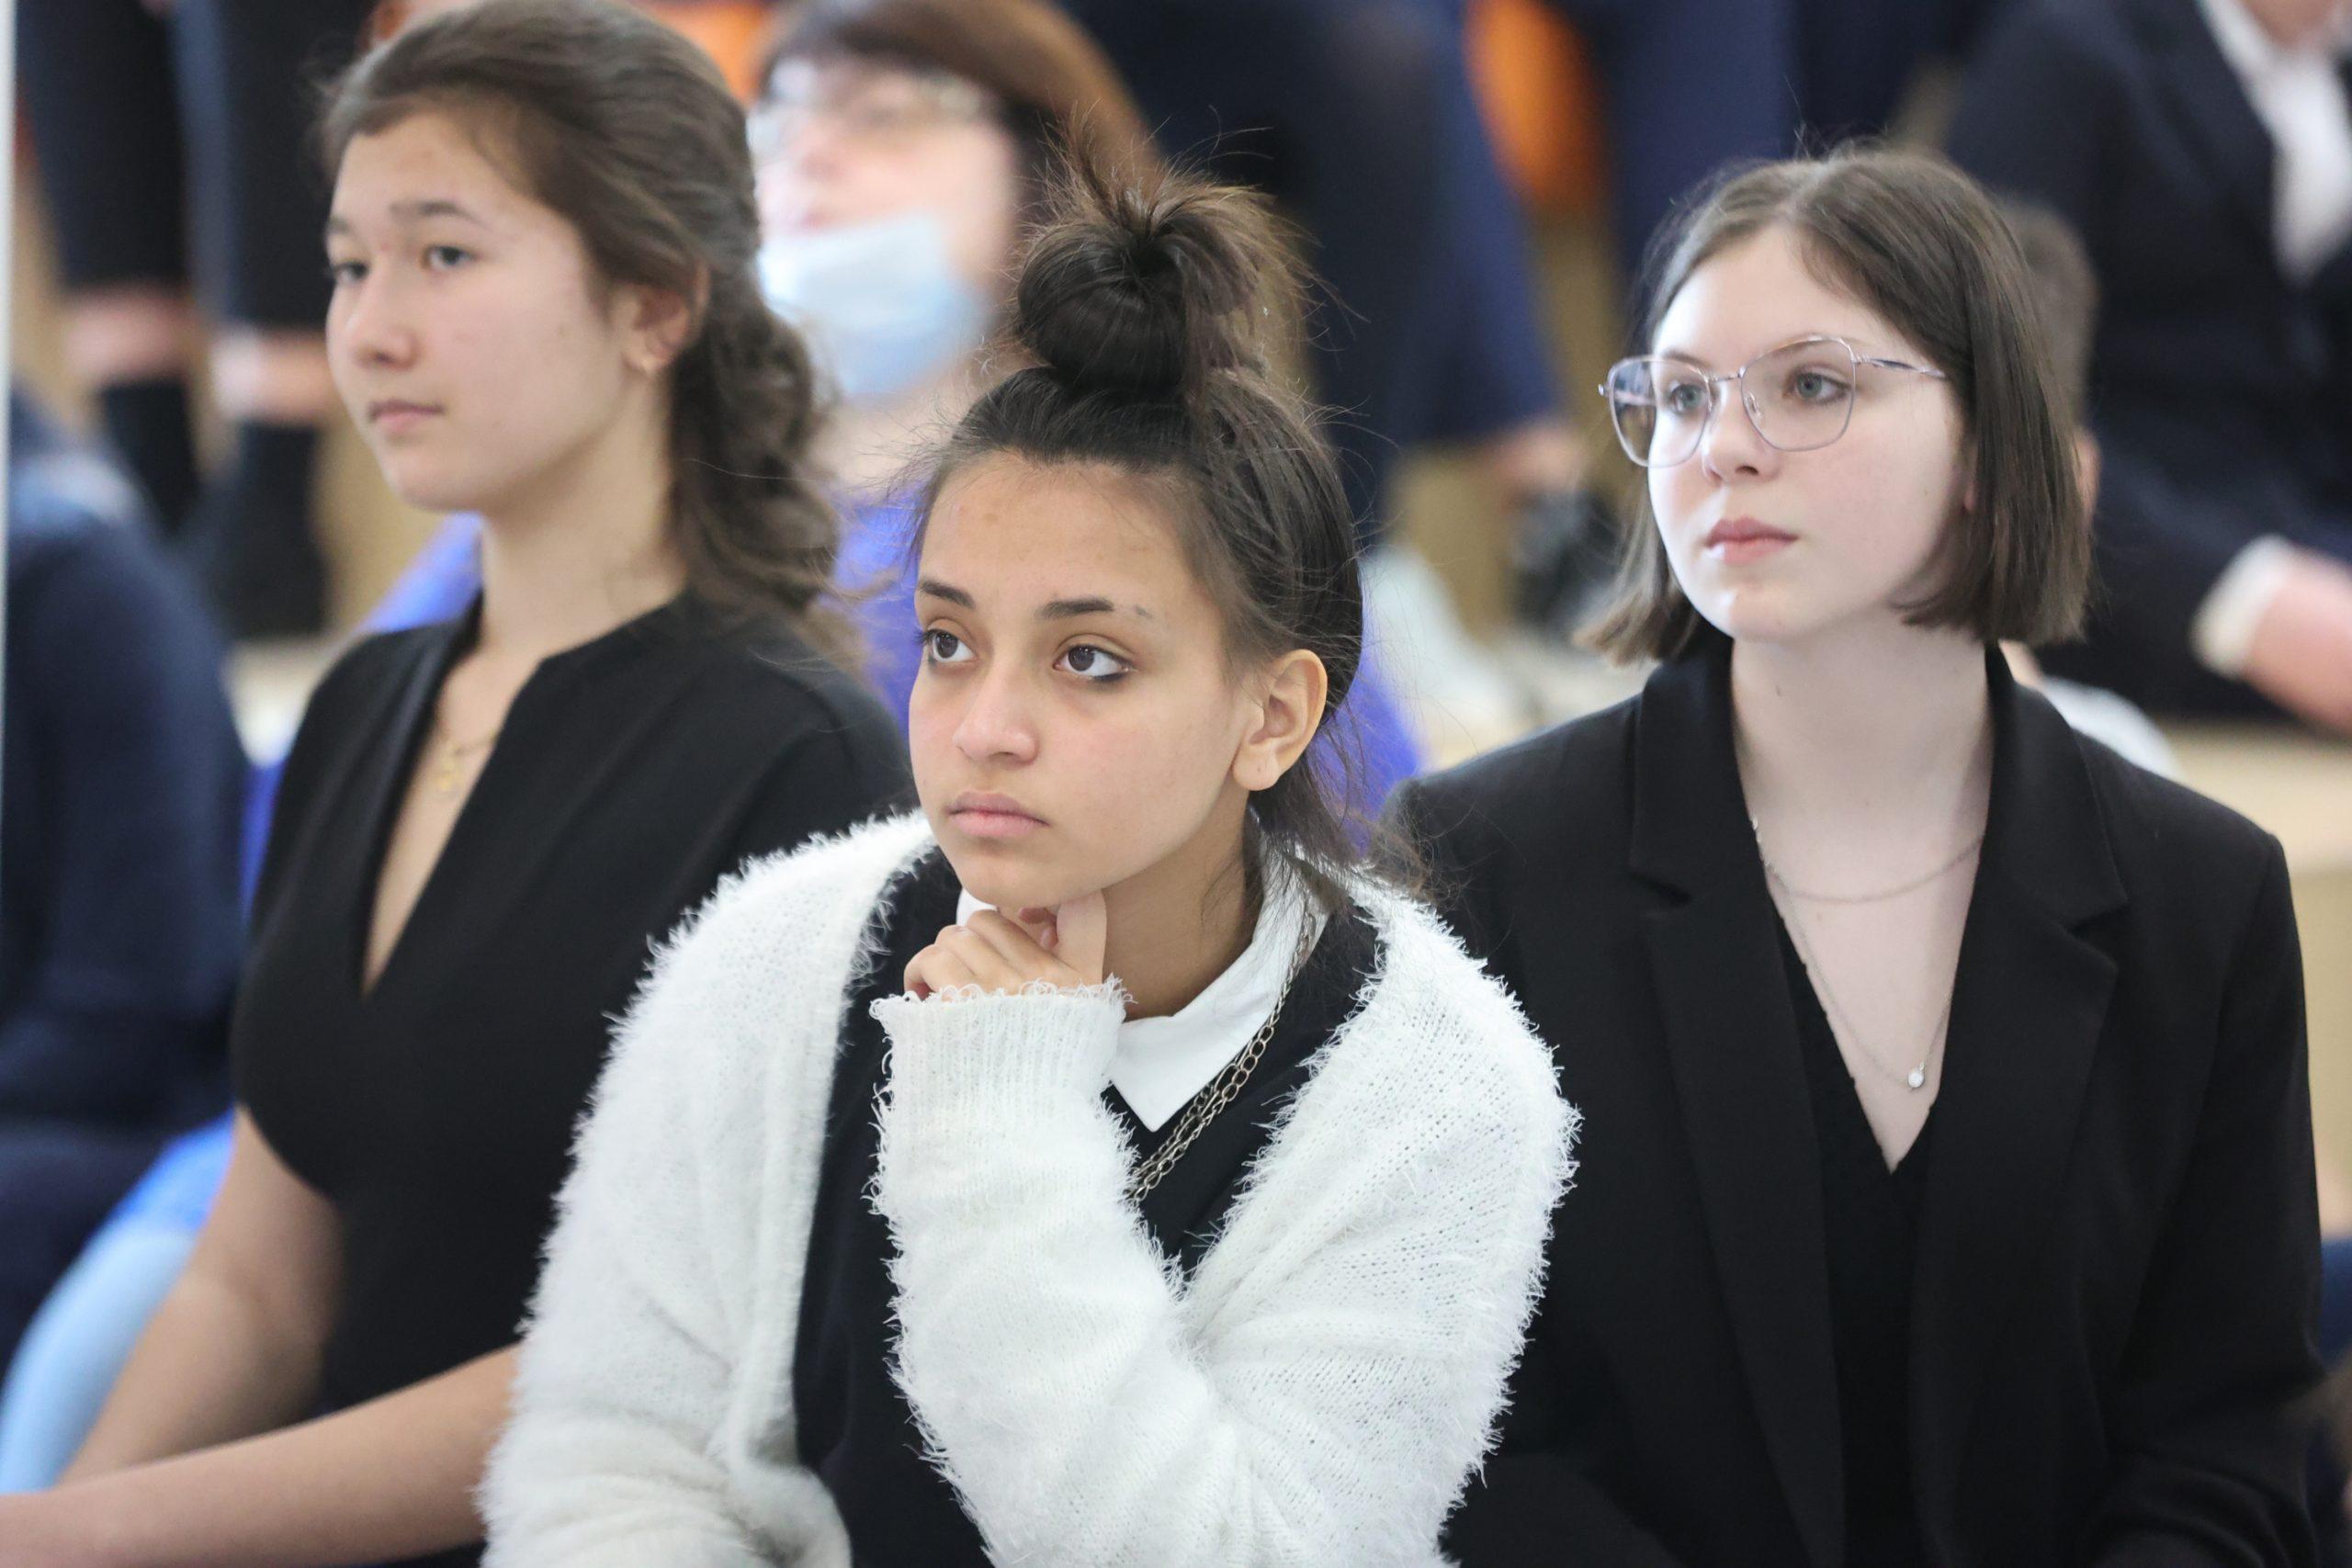 Конференция по философскому пониманию поп-культуры пройдет в техникуме Красина